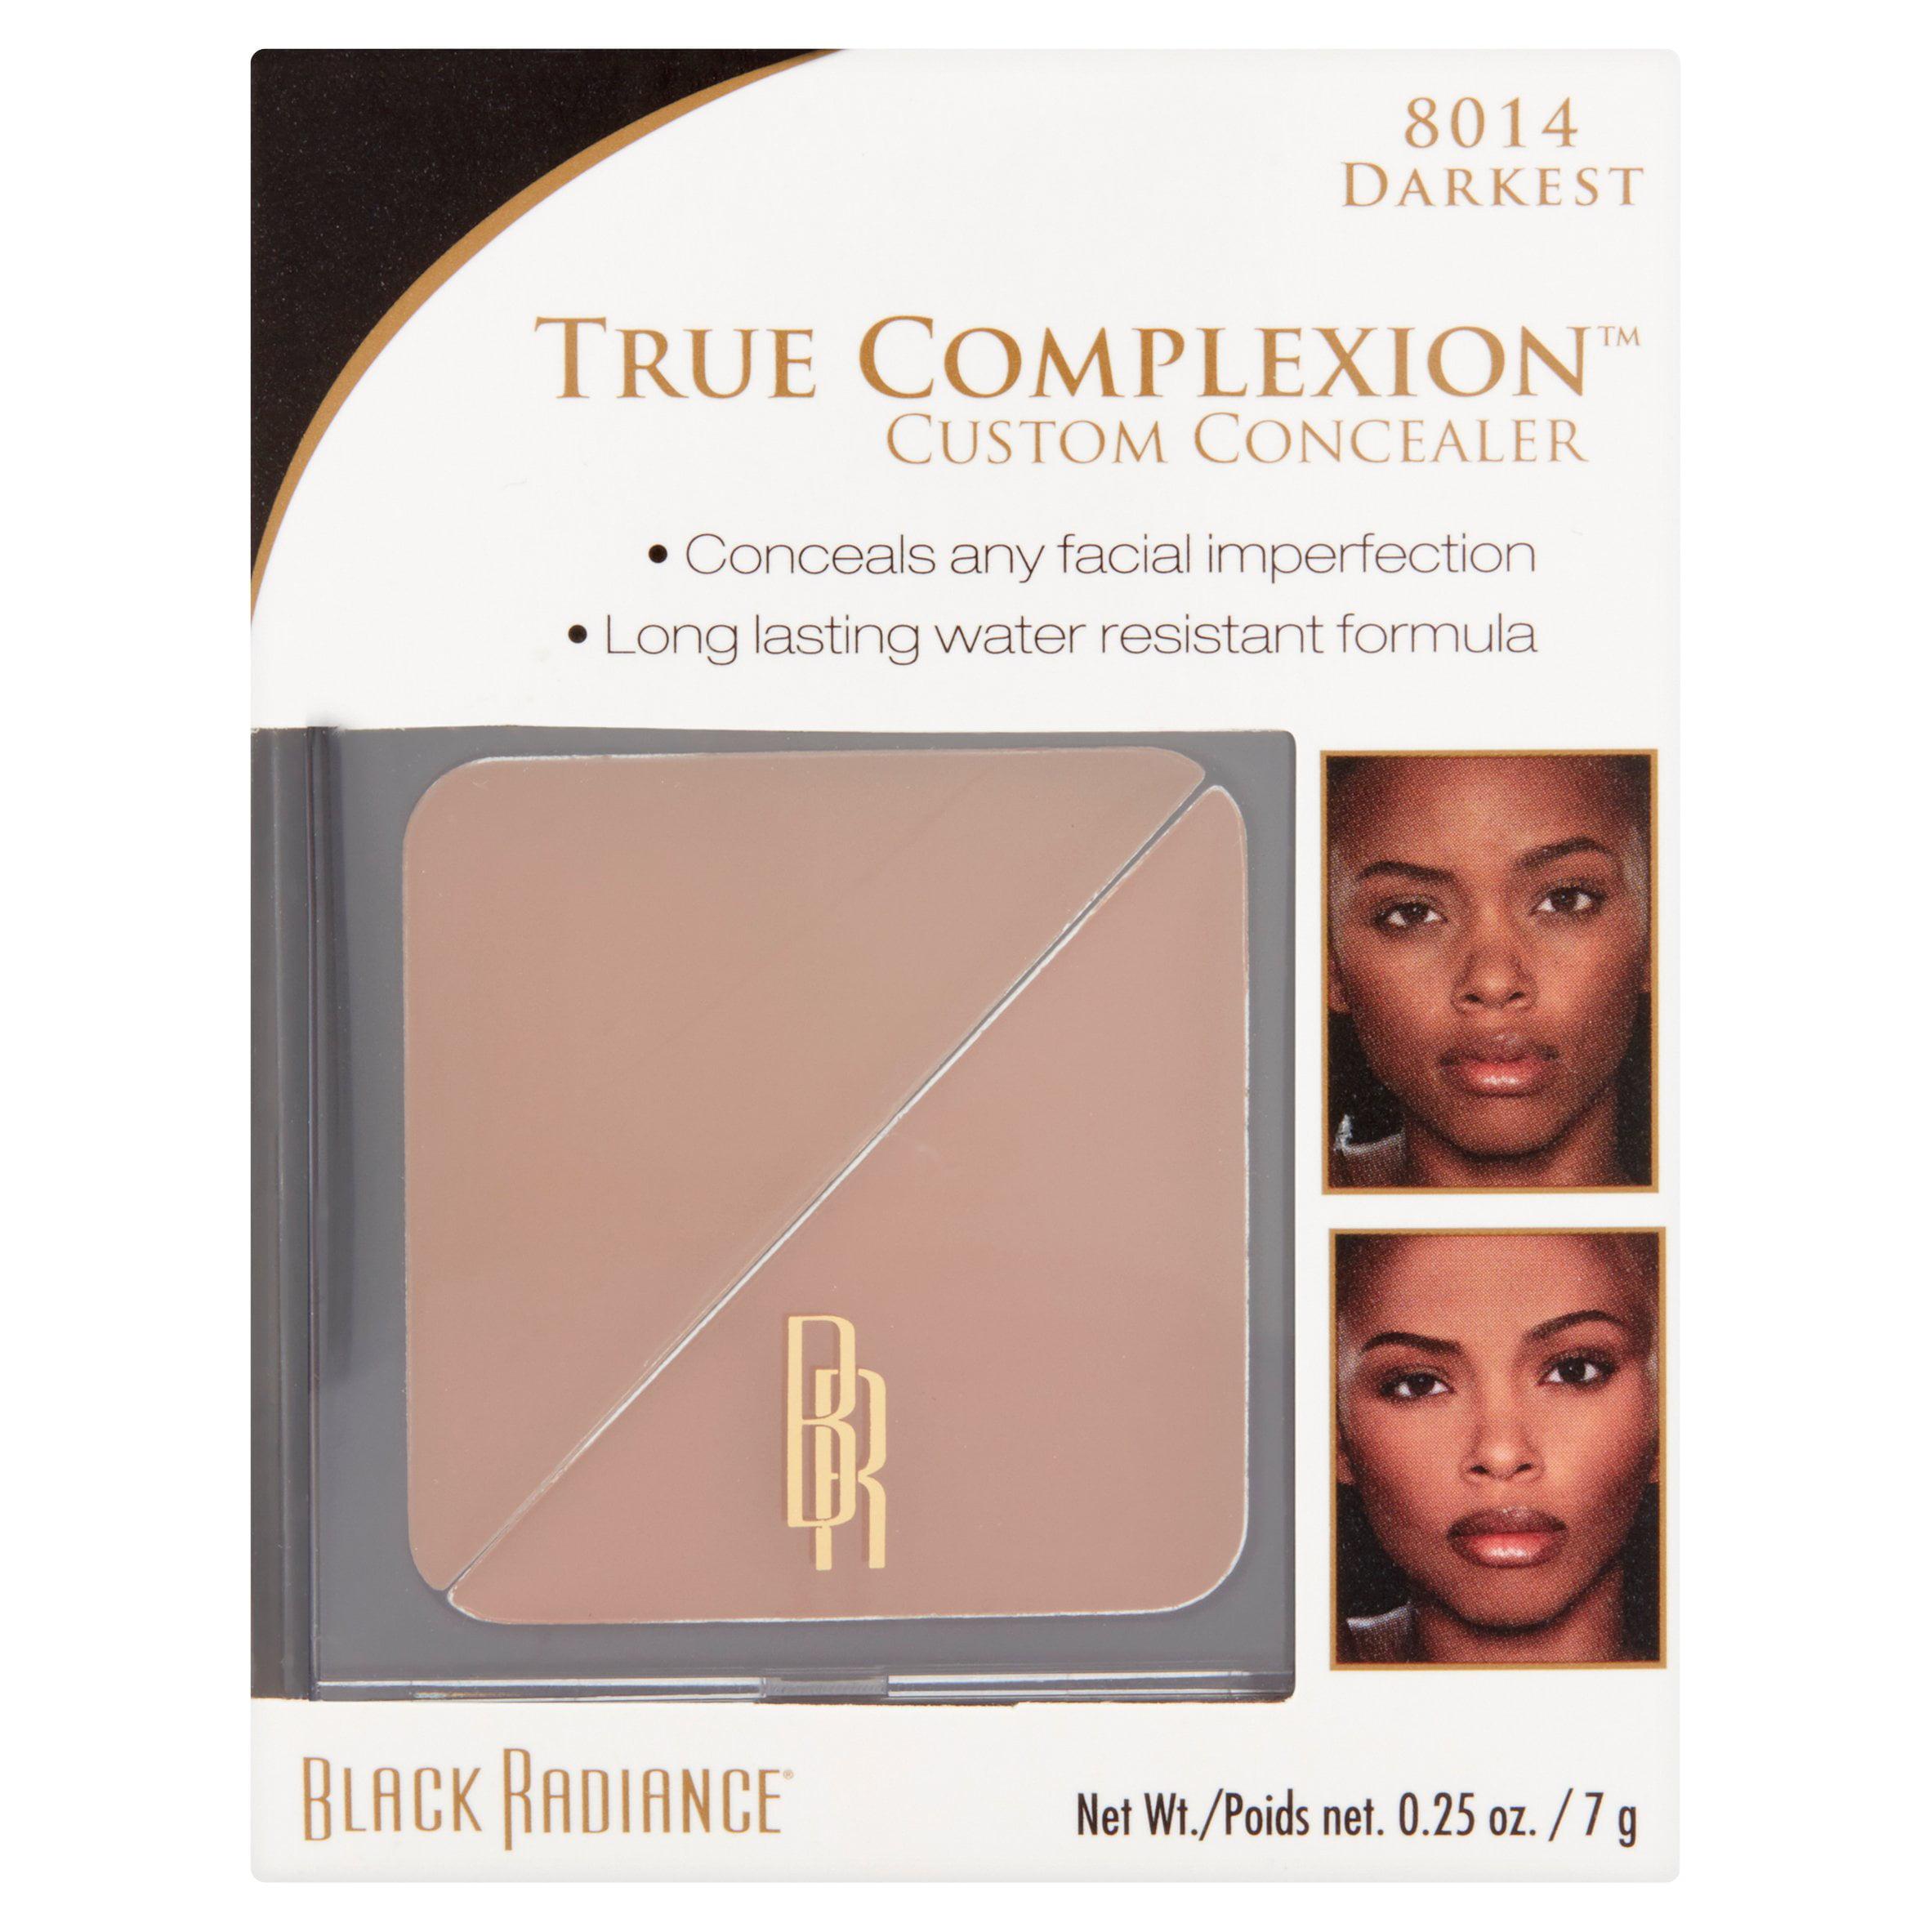 Black Radiance True Complexion 8014 Darkest Walnut Custom Concealer, 0.25 oz